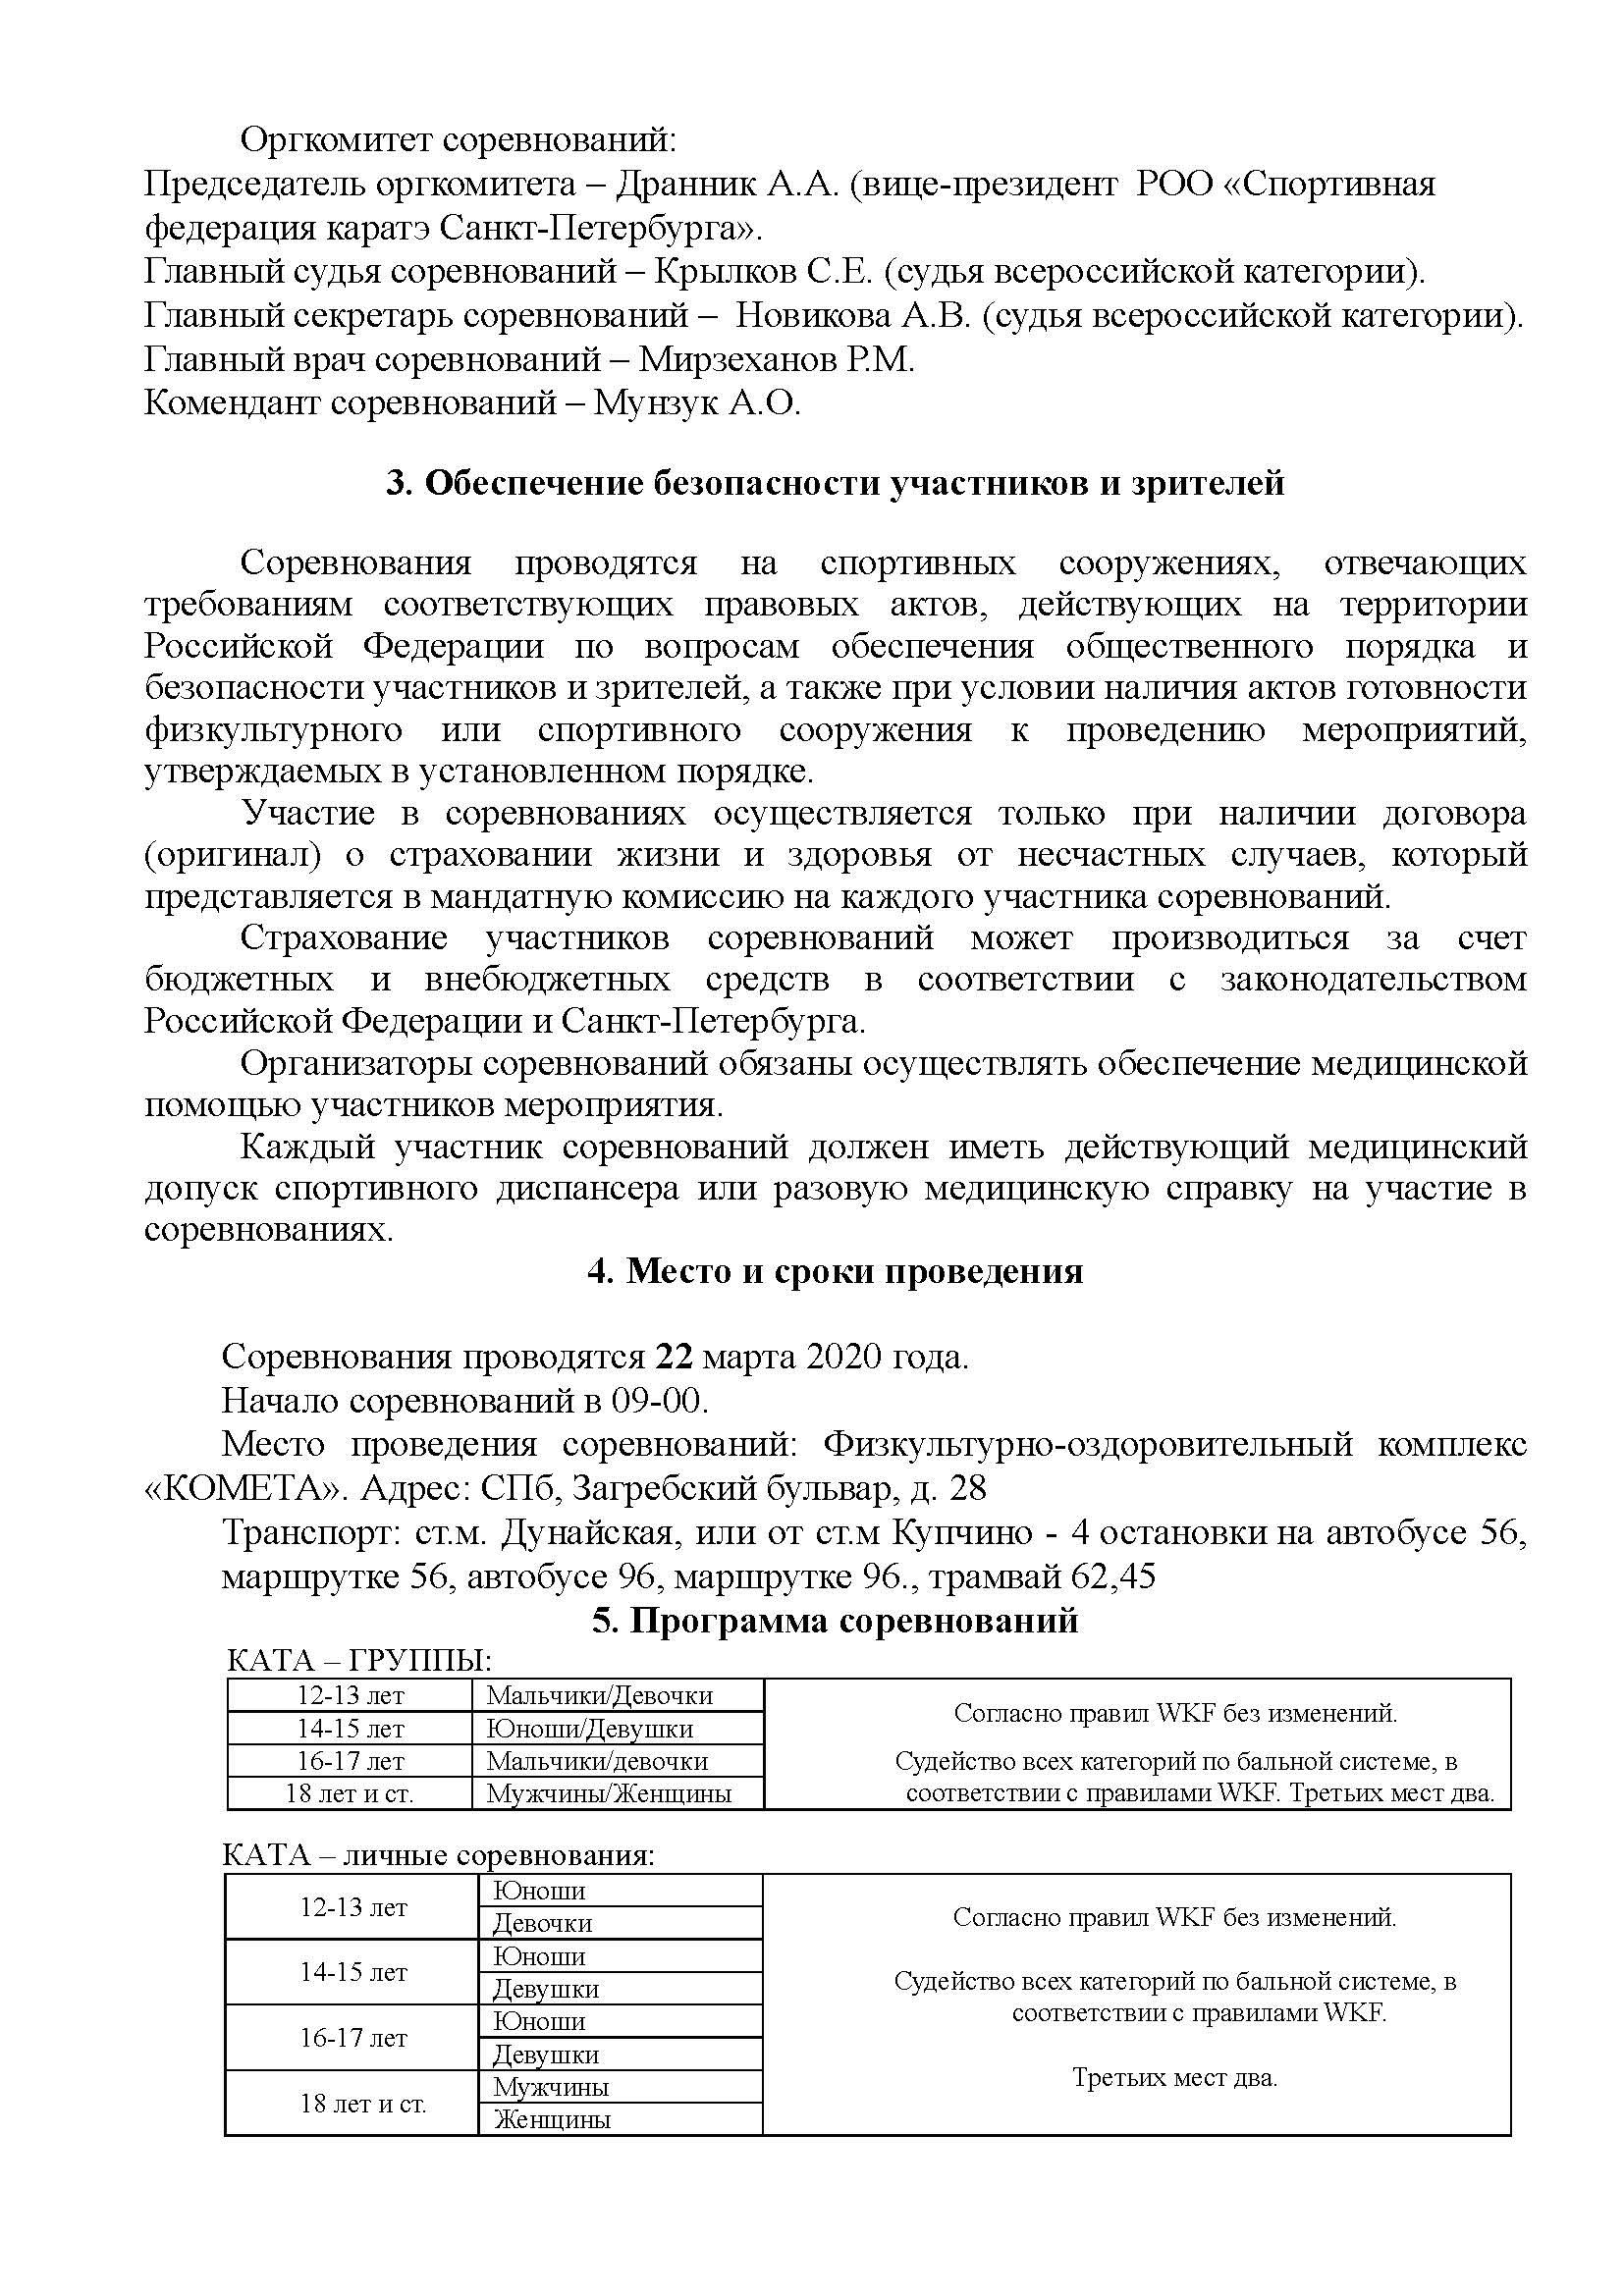 Регламент Всероссийских соревнований Петербургская весна 2020_Страница_3